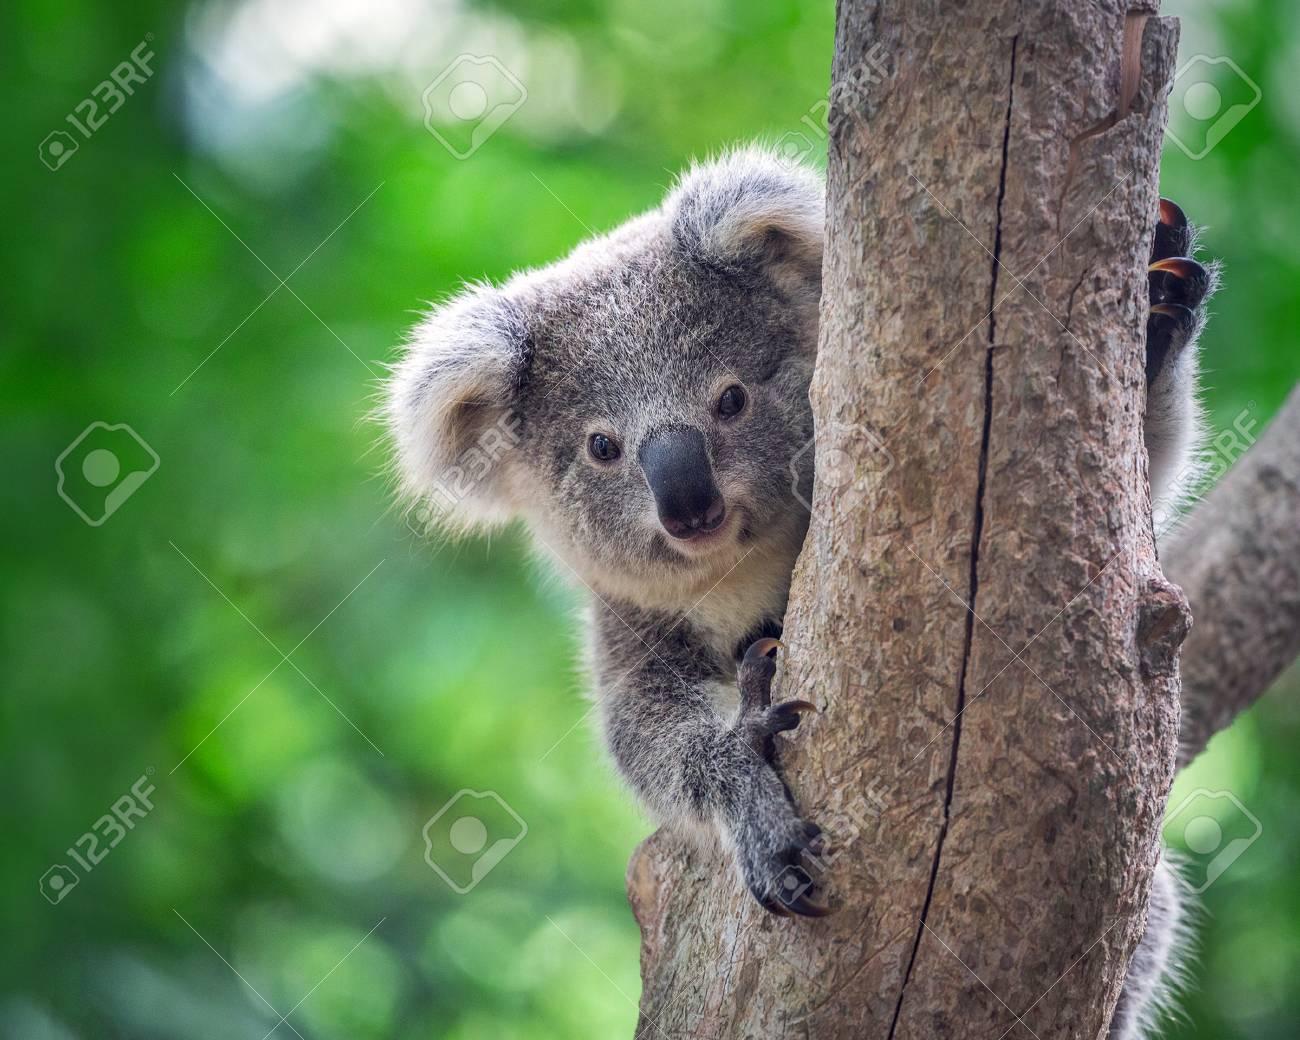 Baby koala bears on the tree. - 97686683